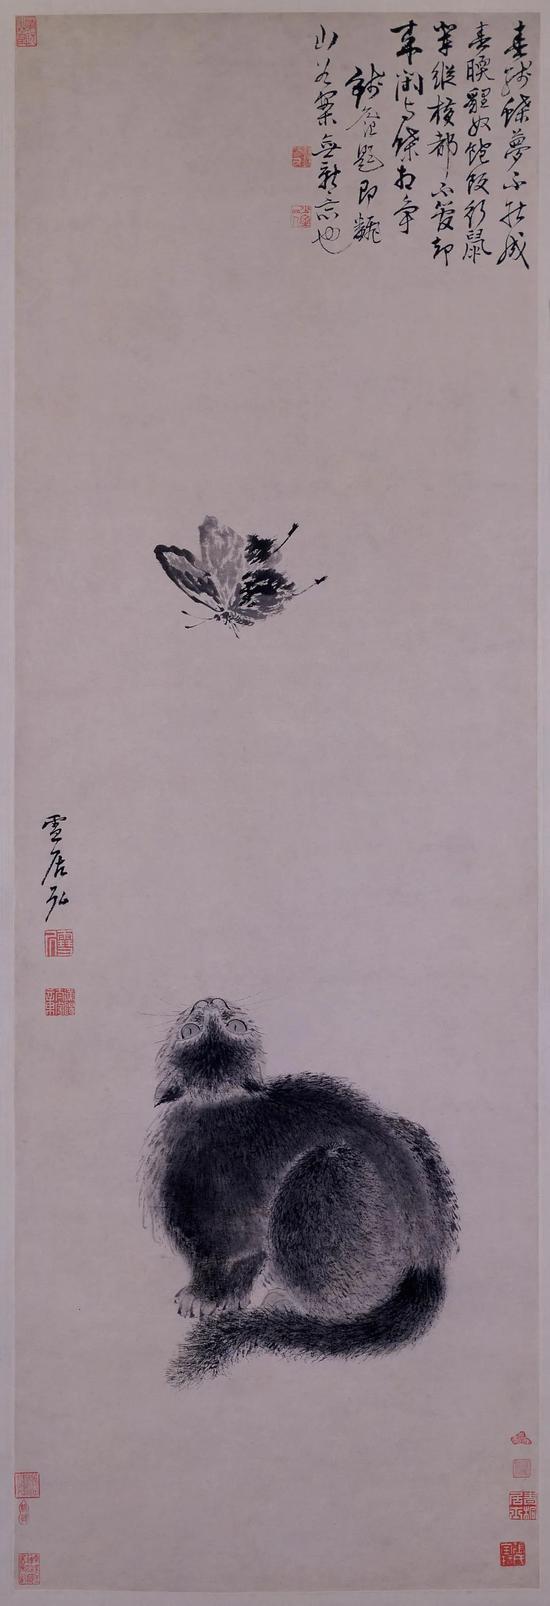 [明]孙克弘耄耋图 纸本设色139.5cm×47cm 故宫博物院藏